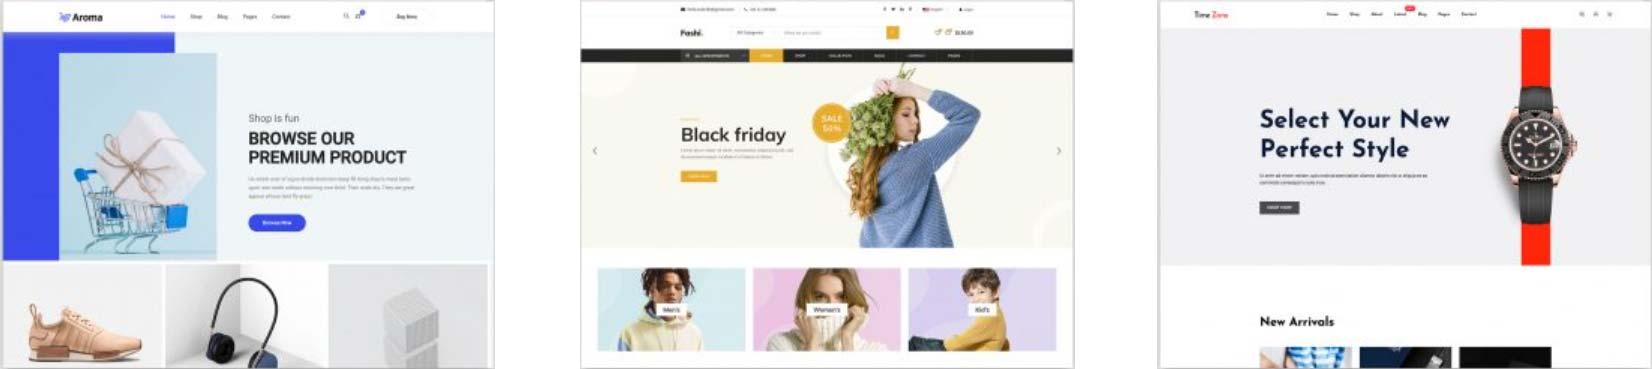 website-design-trends-2021